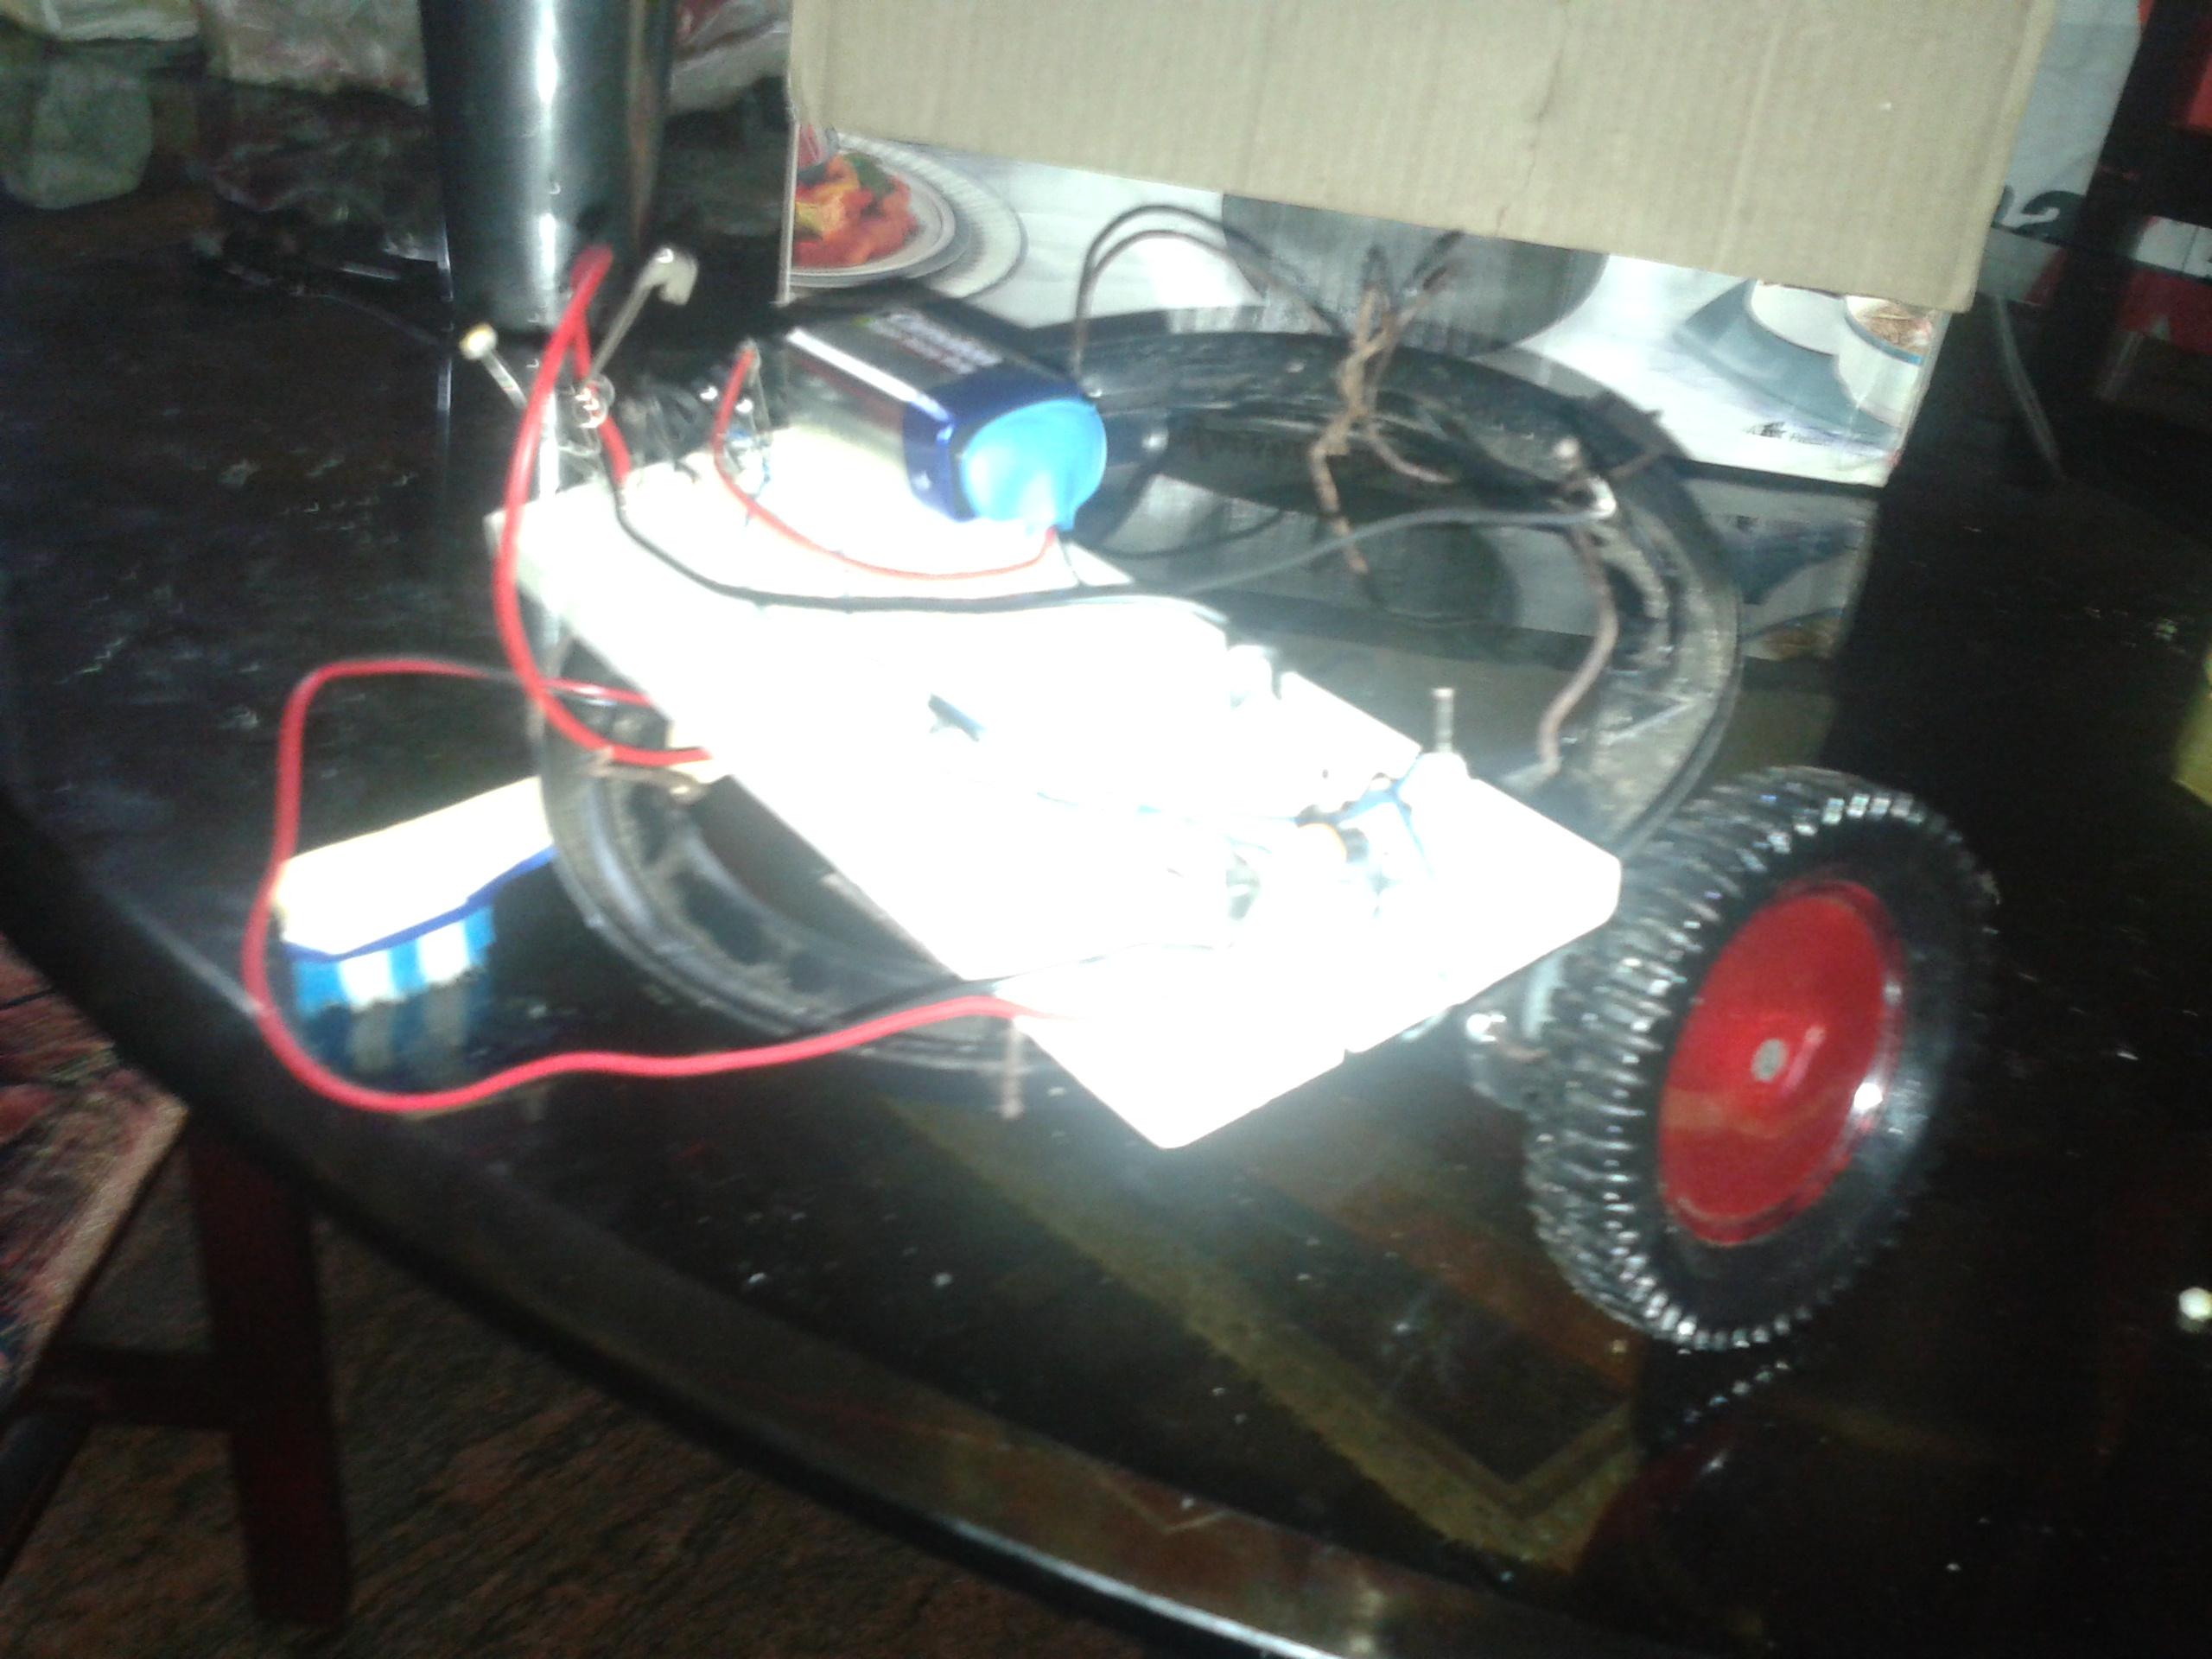 LIGHT FOLLOWING SIMPLE SPURT ROBOT